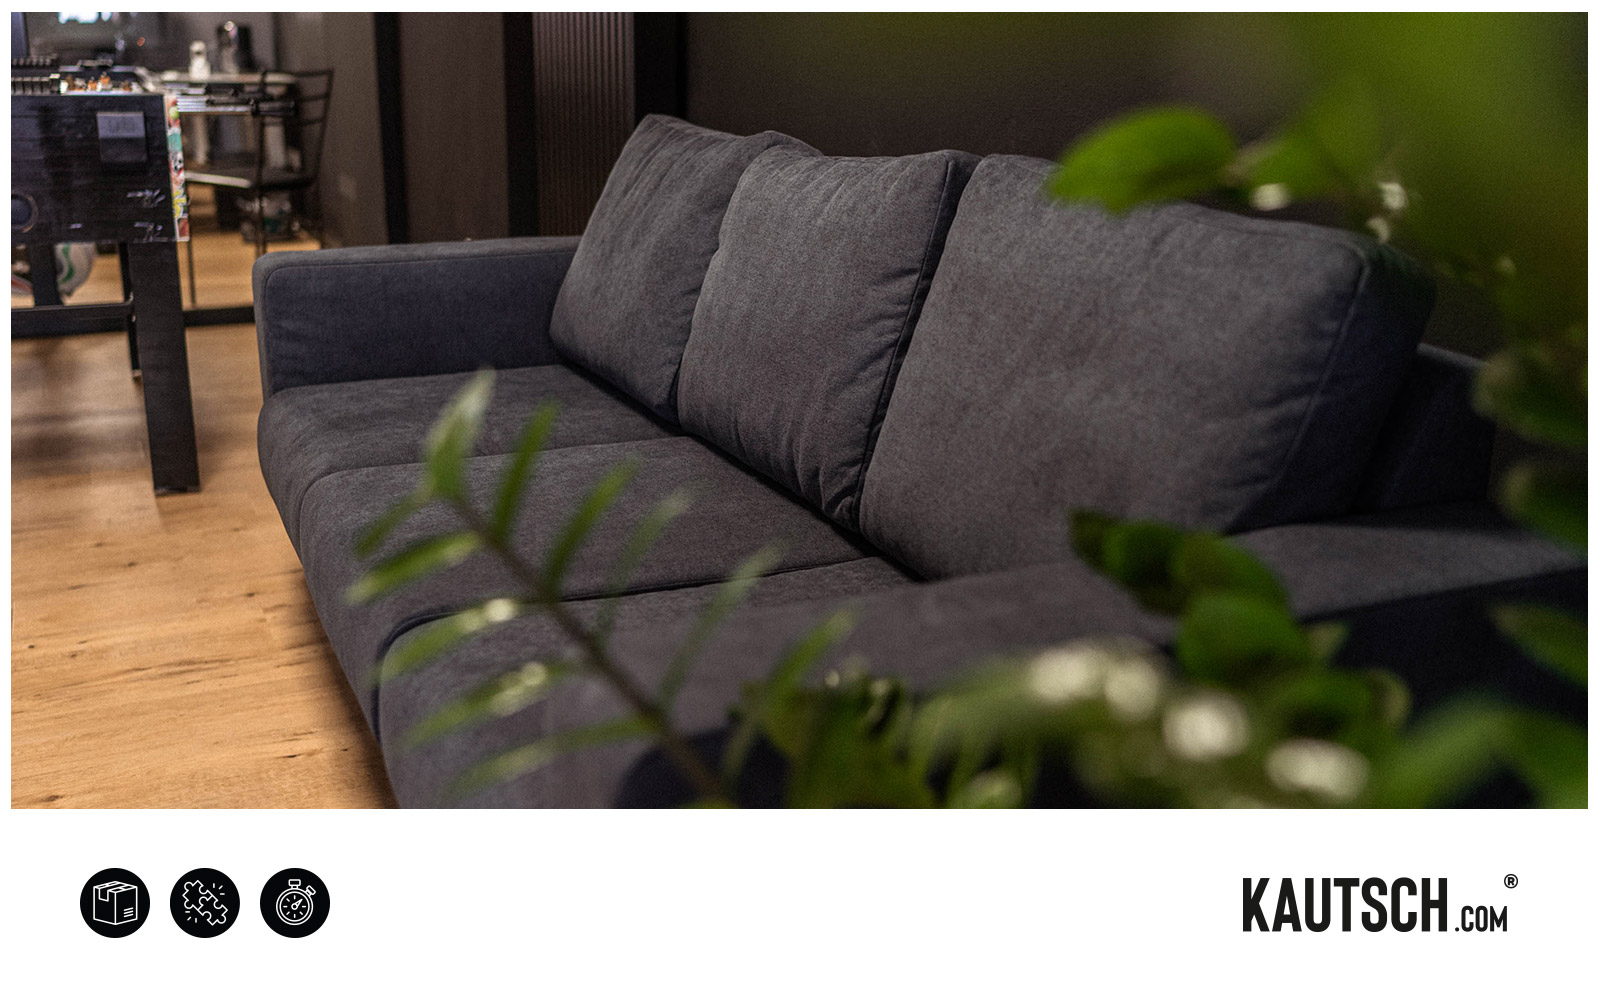 KAUTSCH.com – Sofa